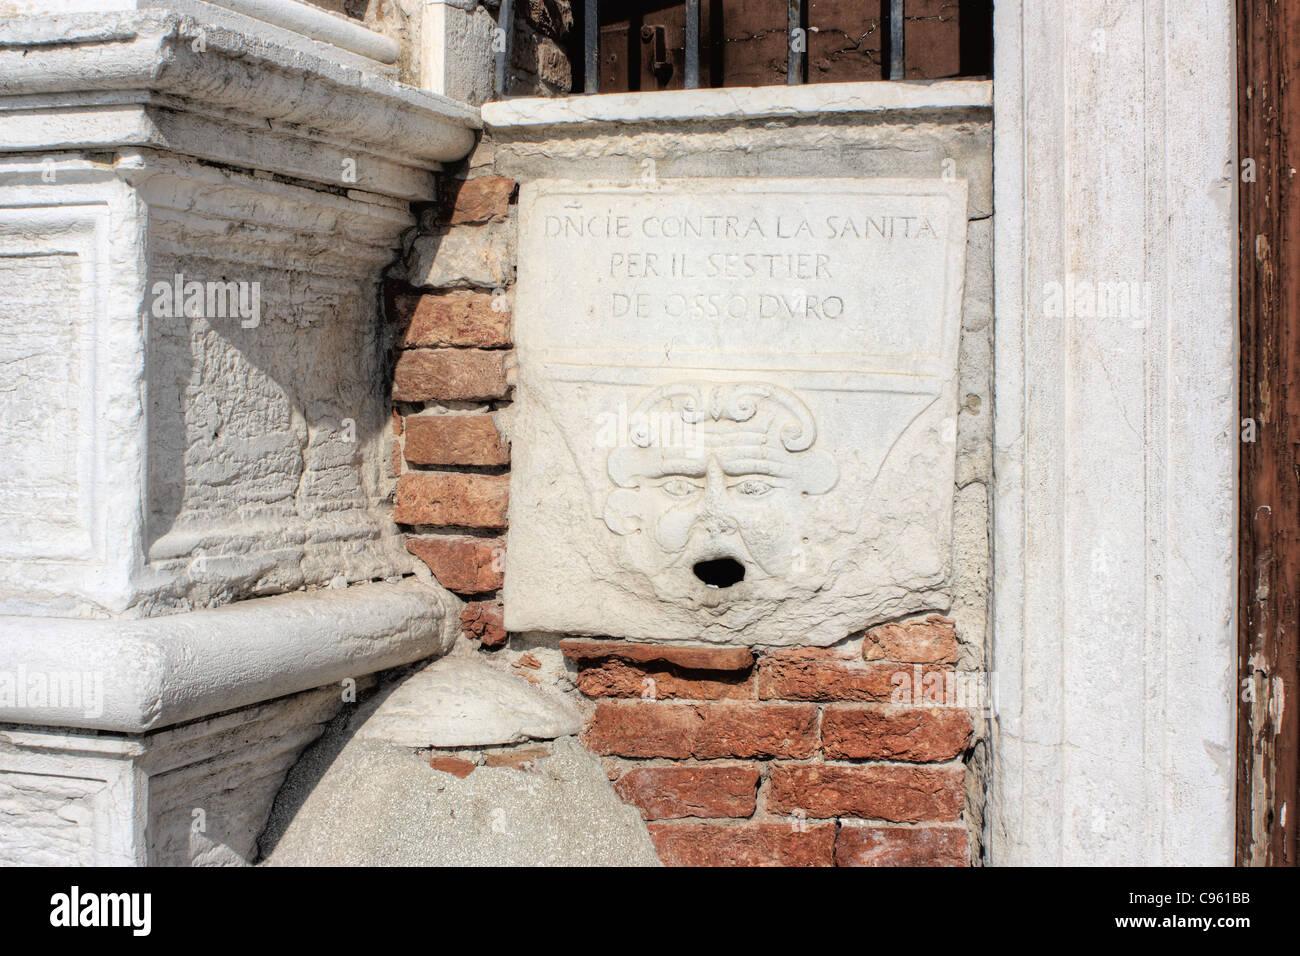 Bocca di leone (Lion's Mouth), 15th century denunciation box, Venice. Stock Photo